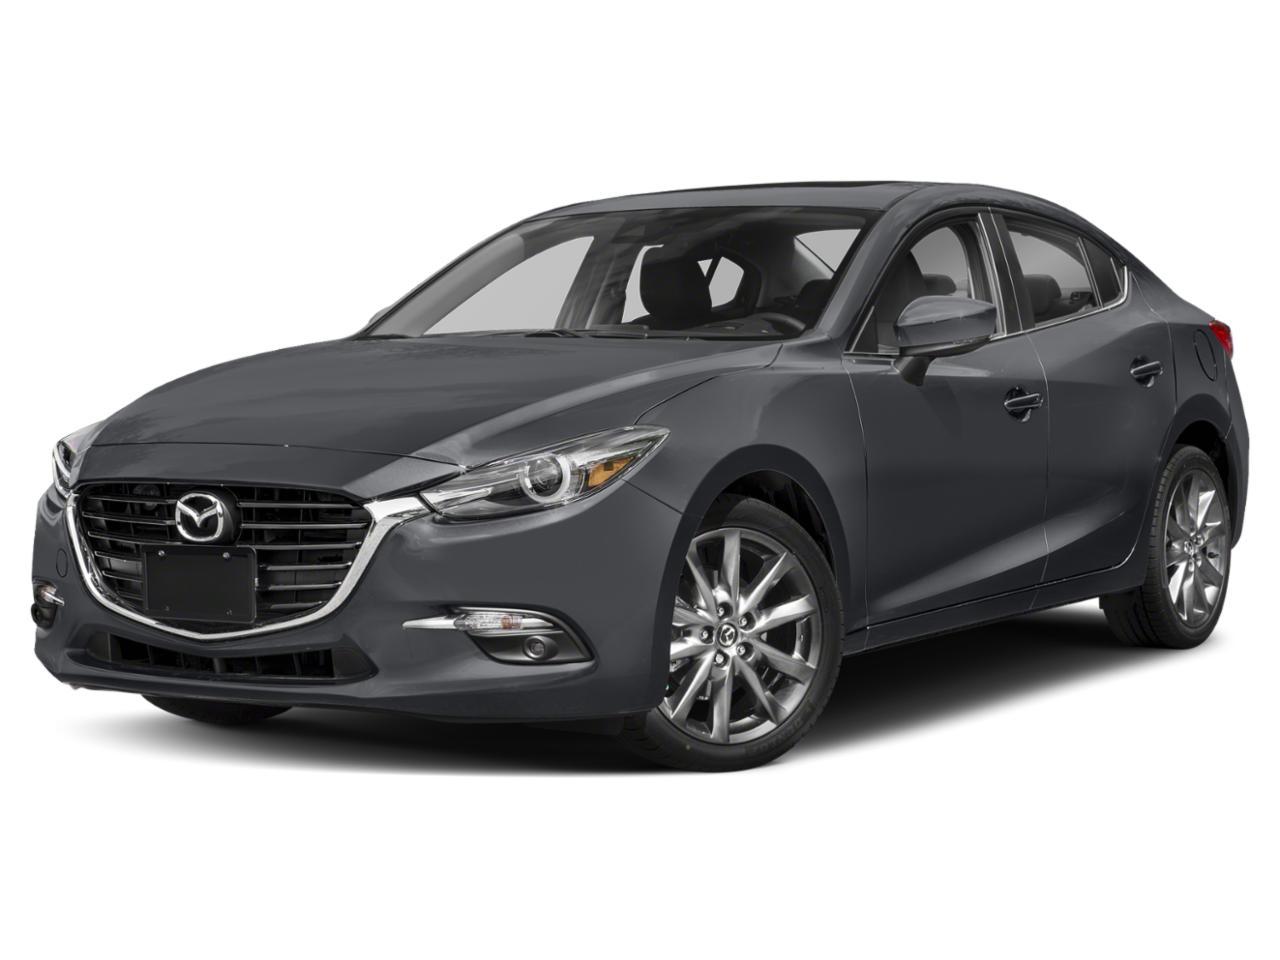 2018 Mazda Mazda3 4-Door Vehicle Photo in Hamden, CT 06517